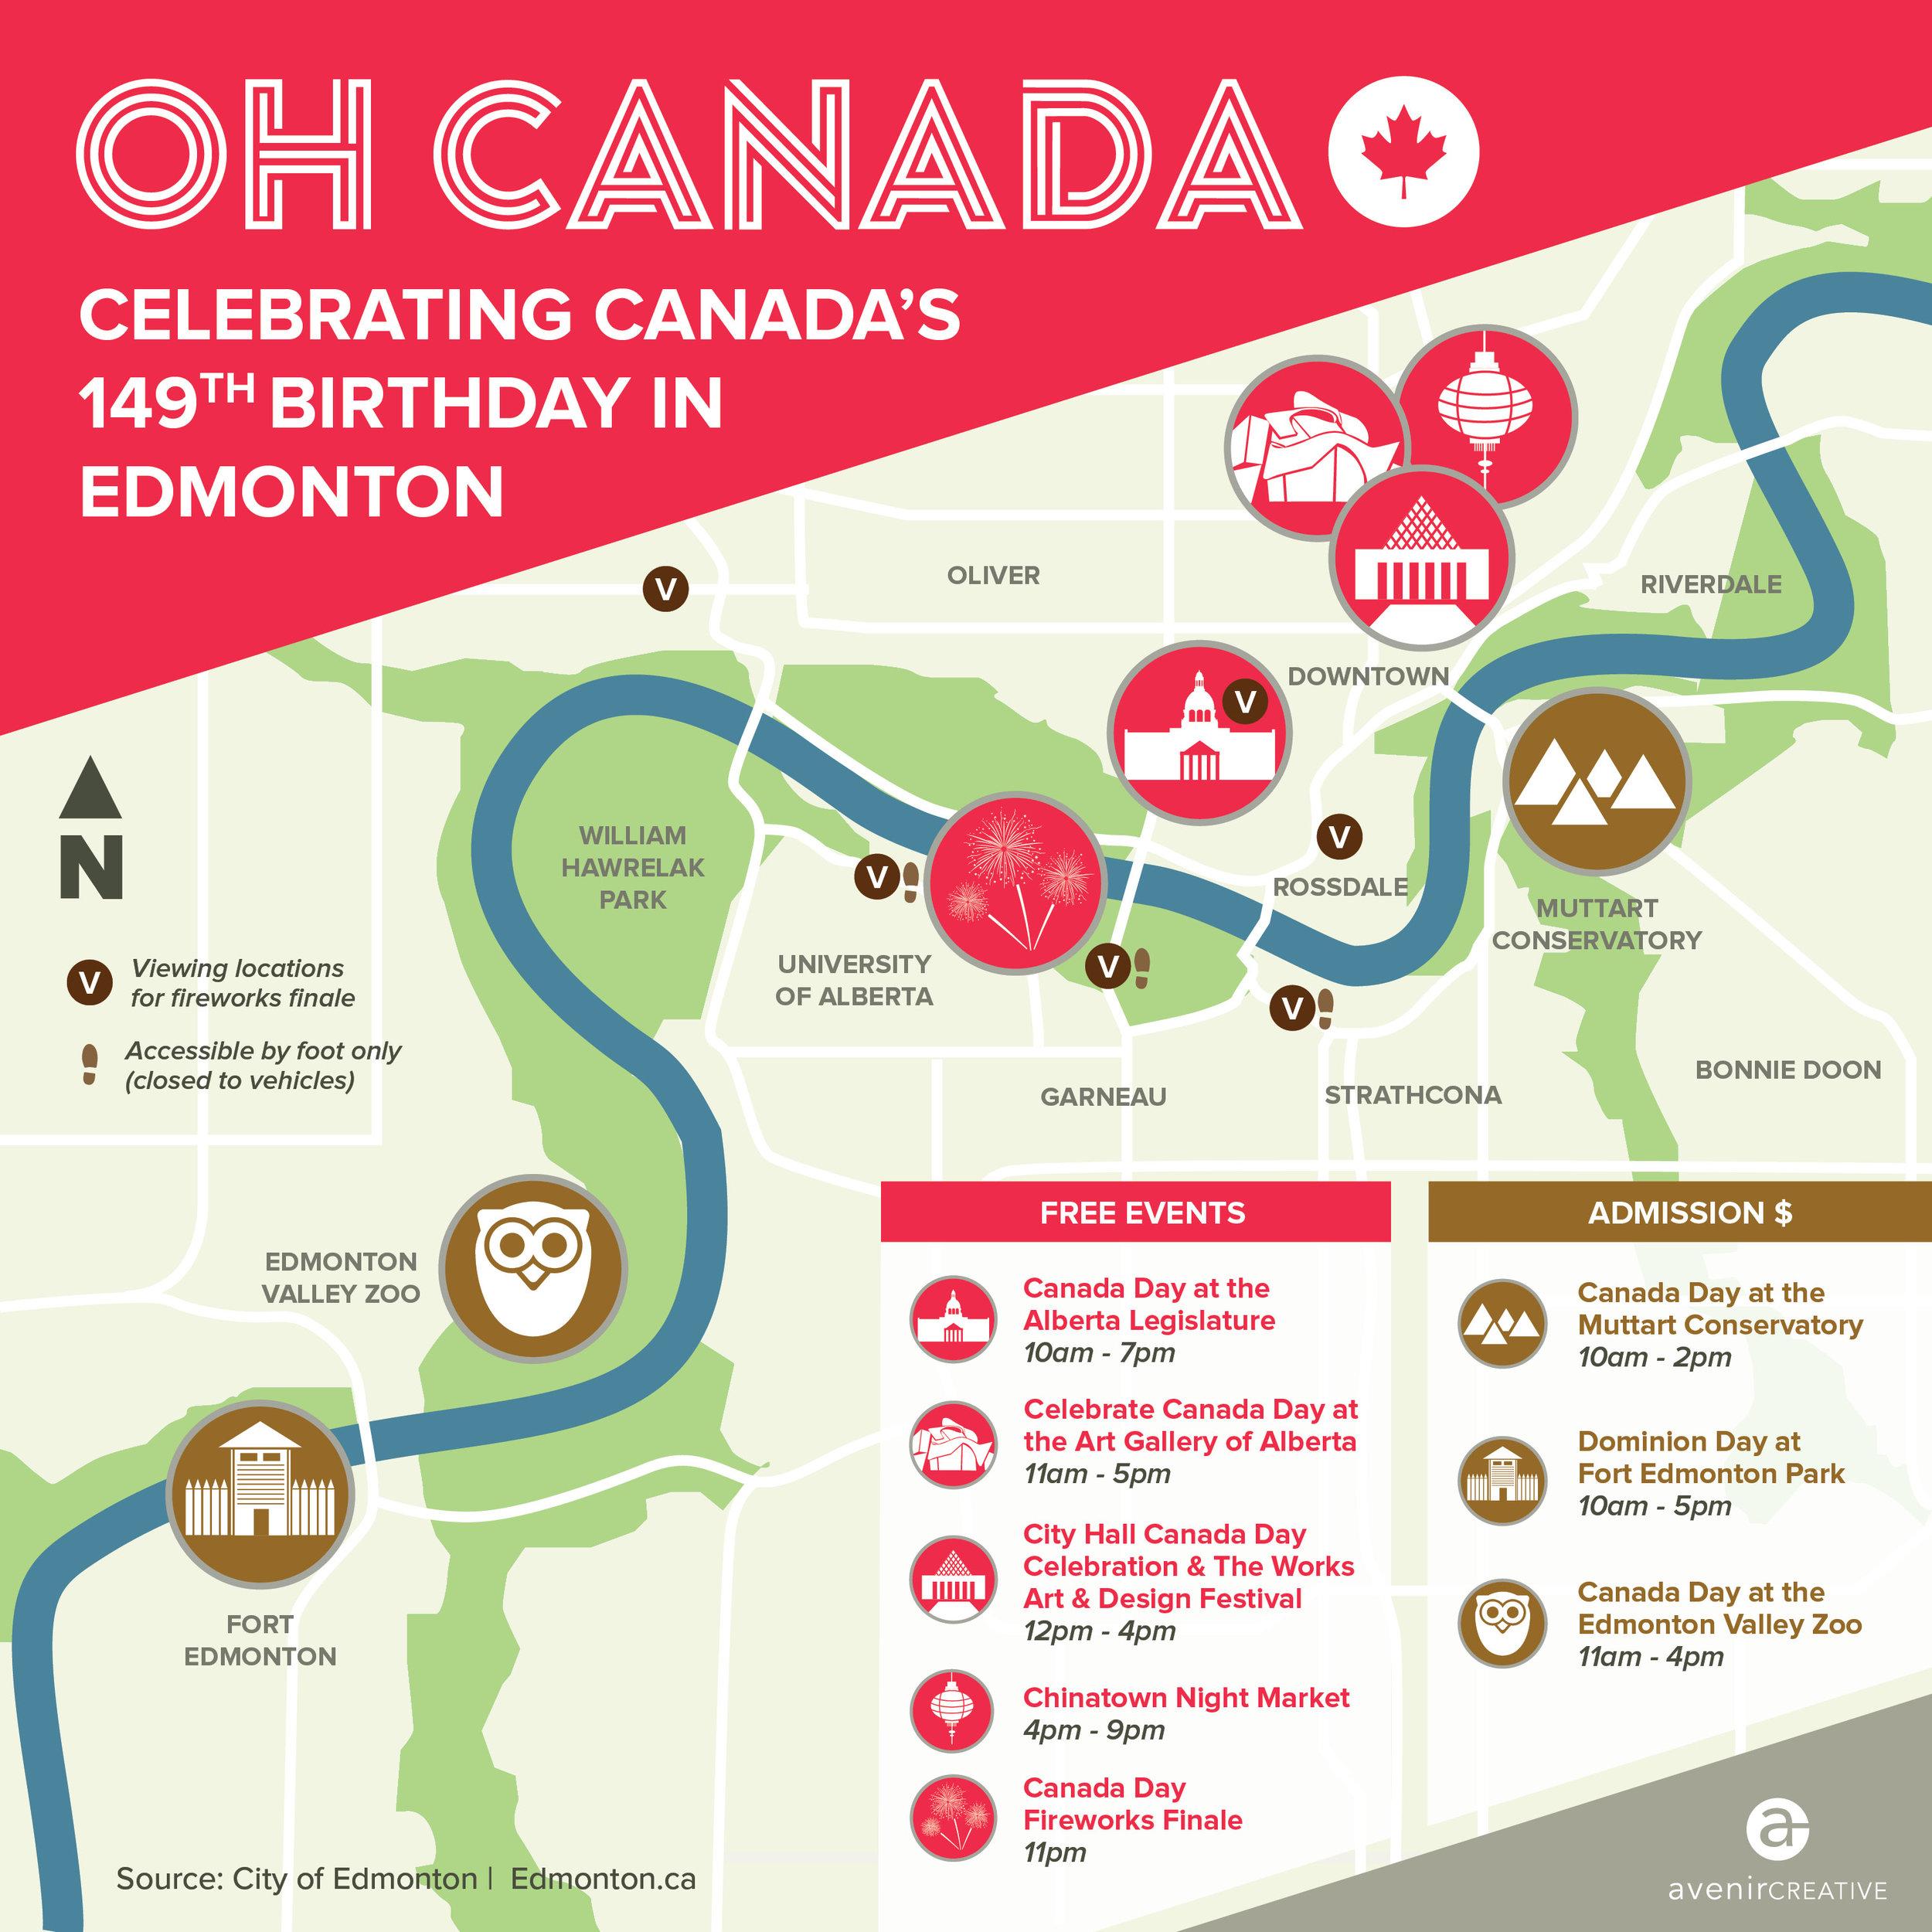 Avenir-creative-Canada-Day-in-Edmonton.jpg